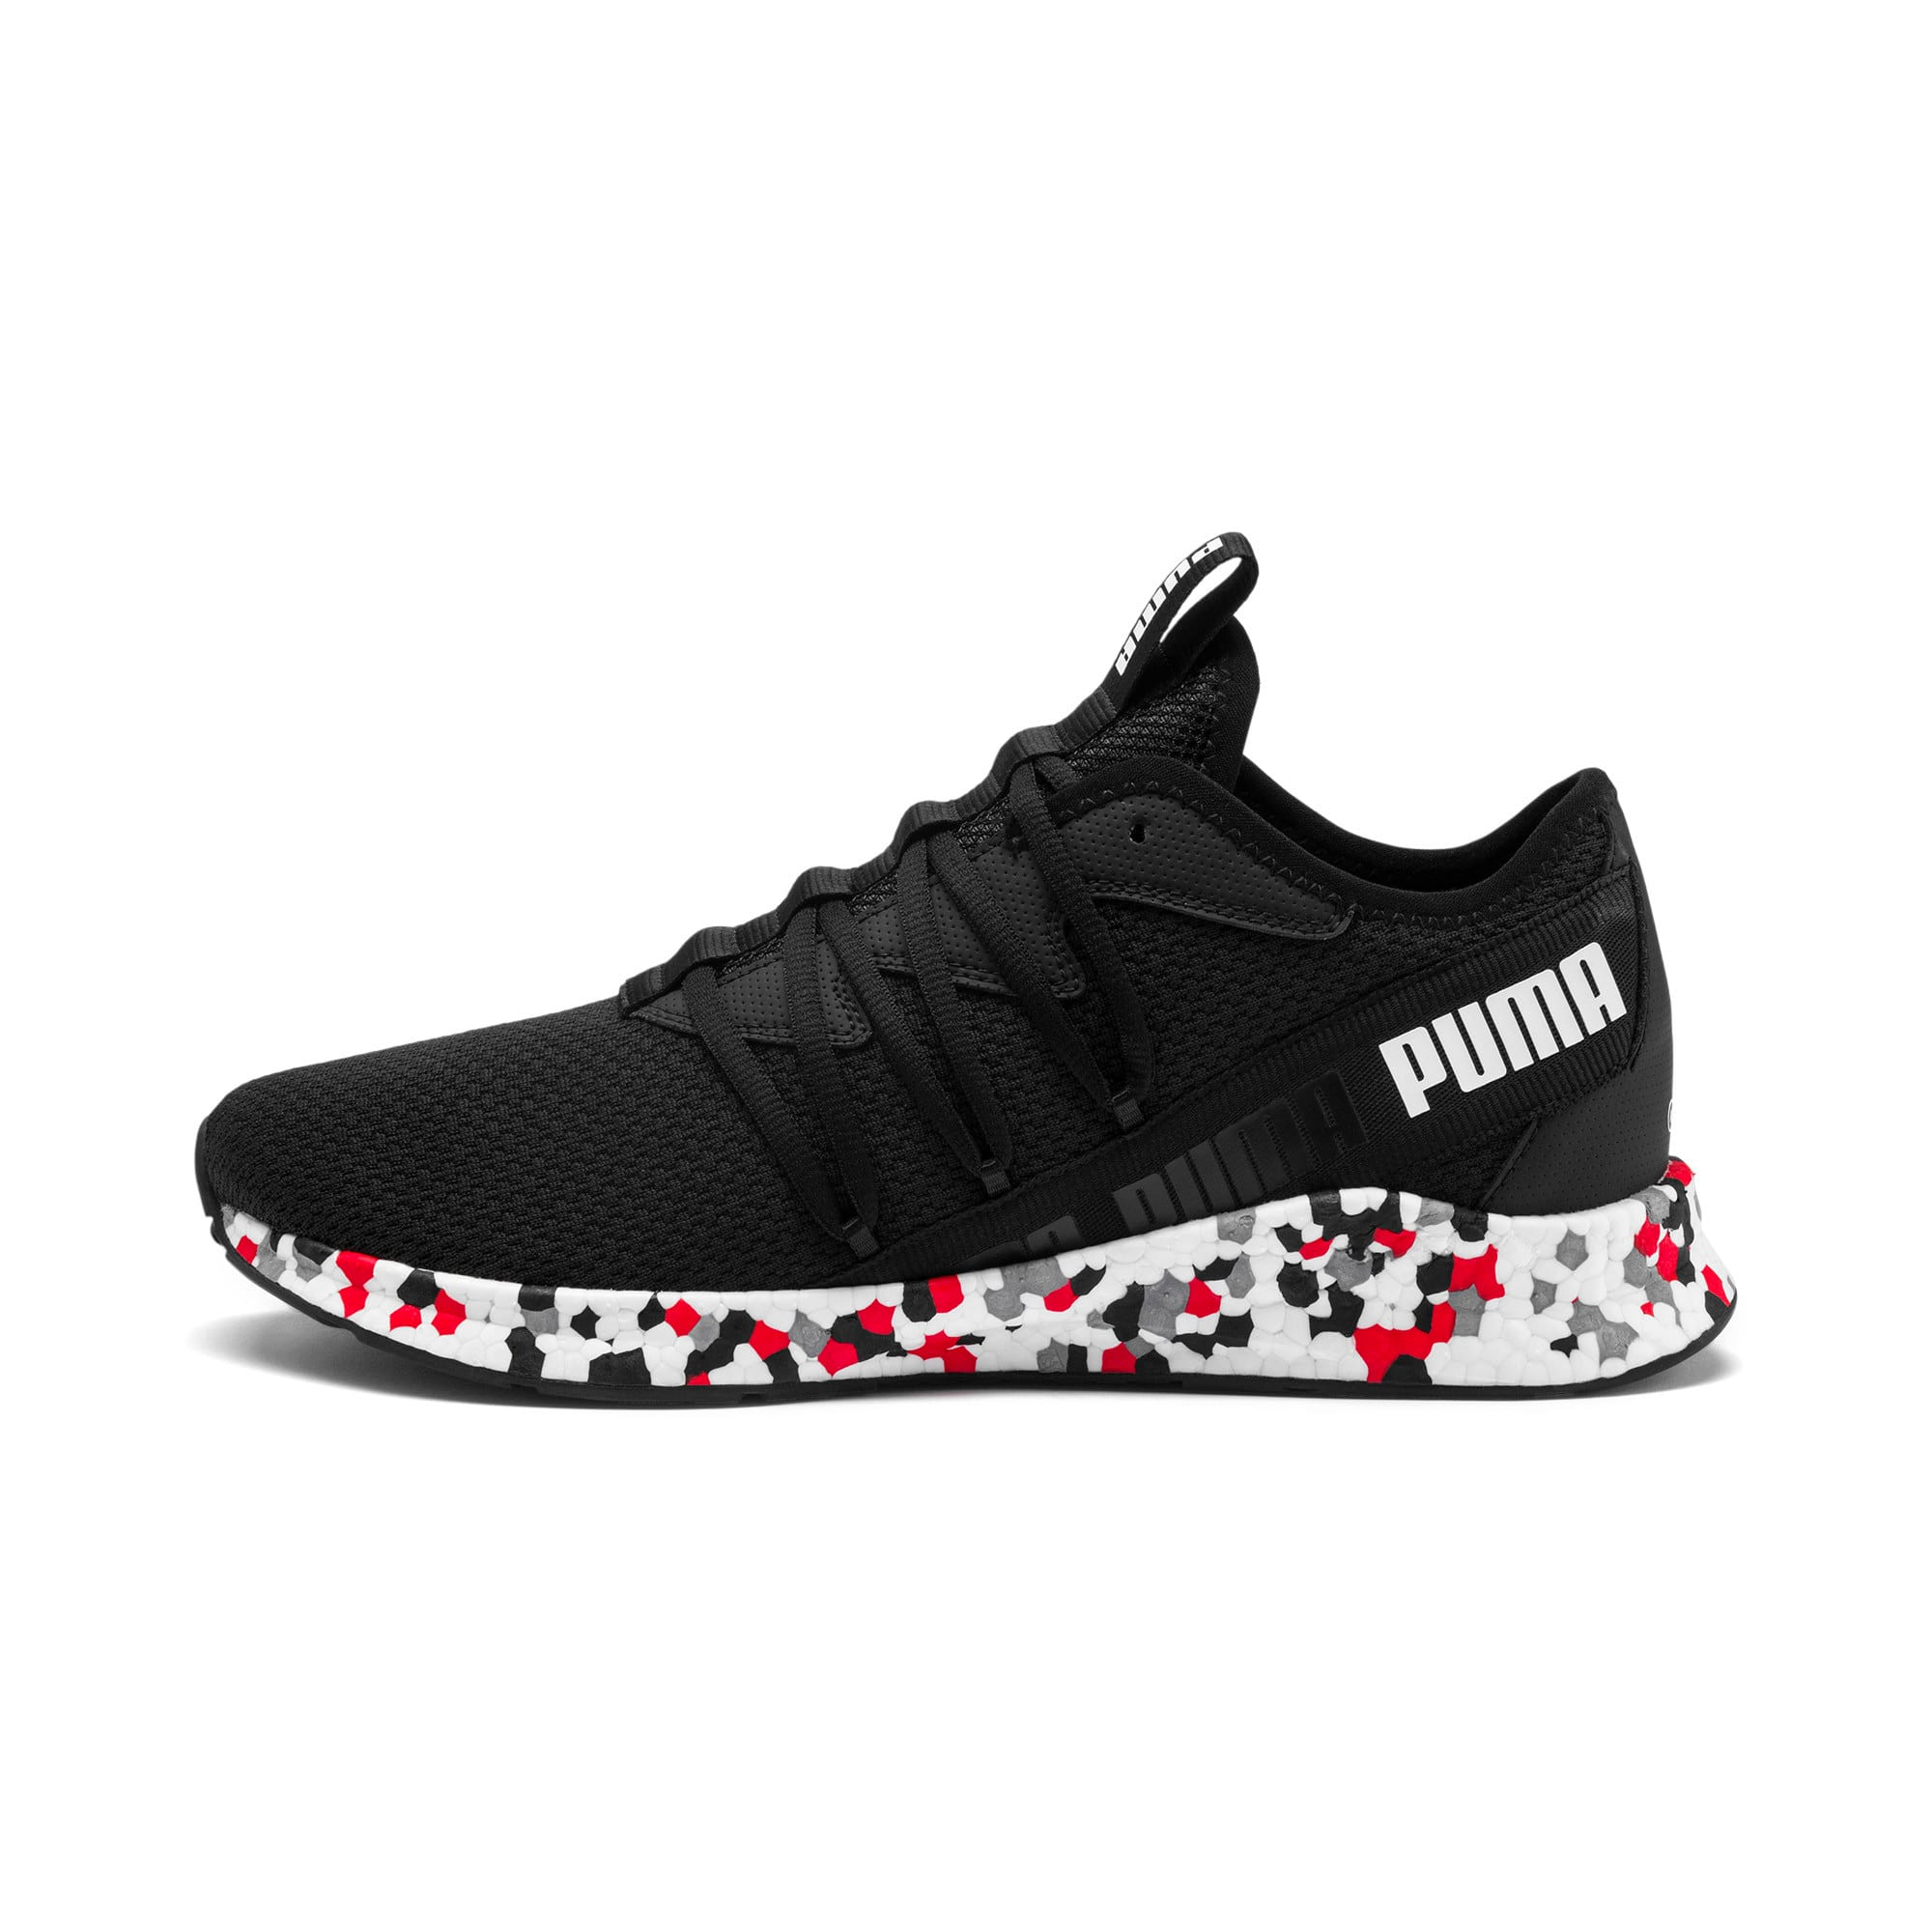 Thumbnail 1 of NRGY Star Multi Running Shoes, Black-White-Red, medium